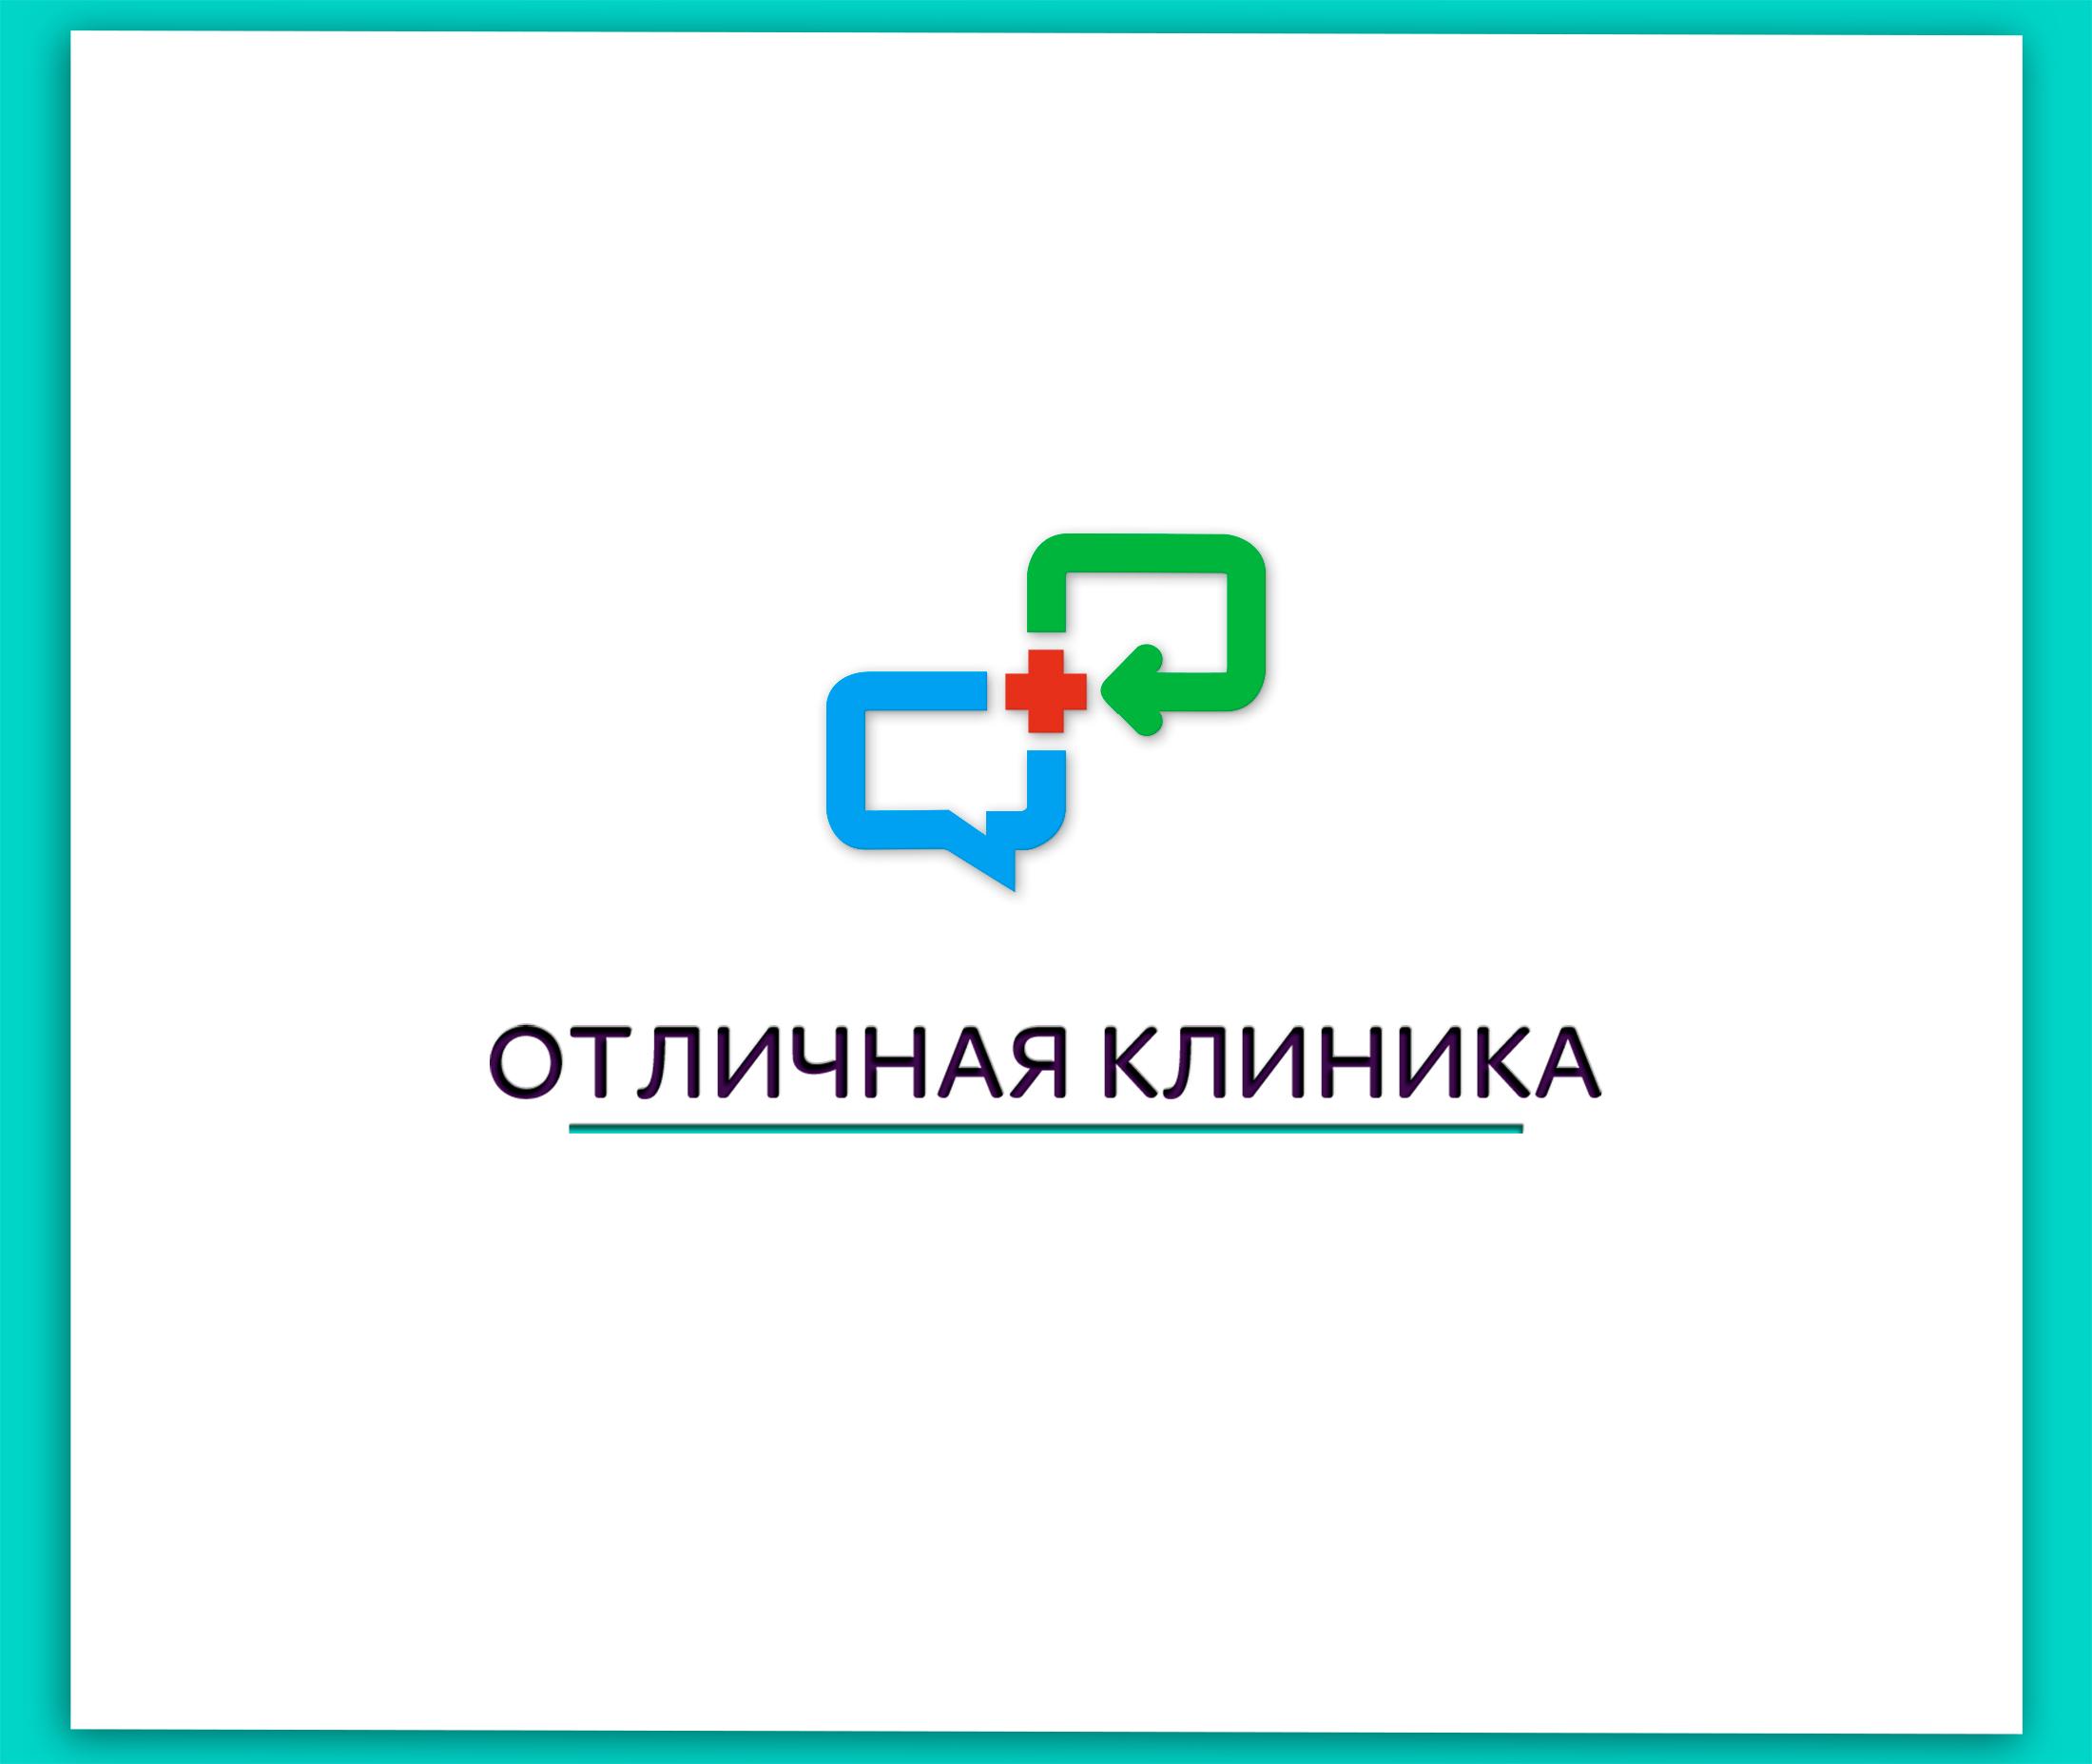 Логотип и фирменный стиль частной клиники фото f_7745c93fb4605894.jpg